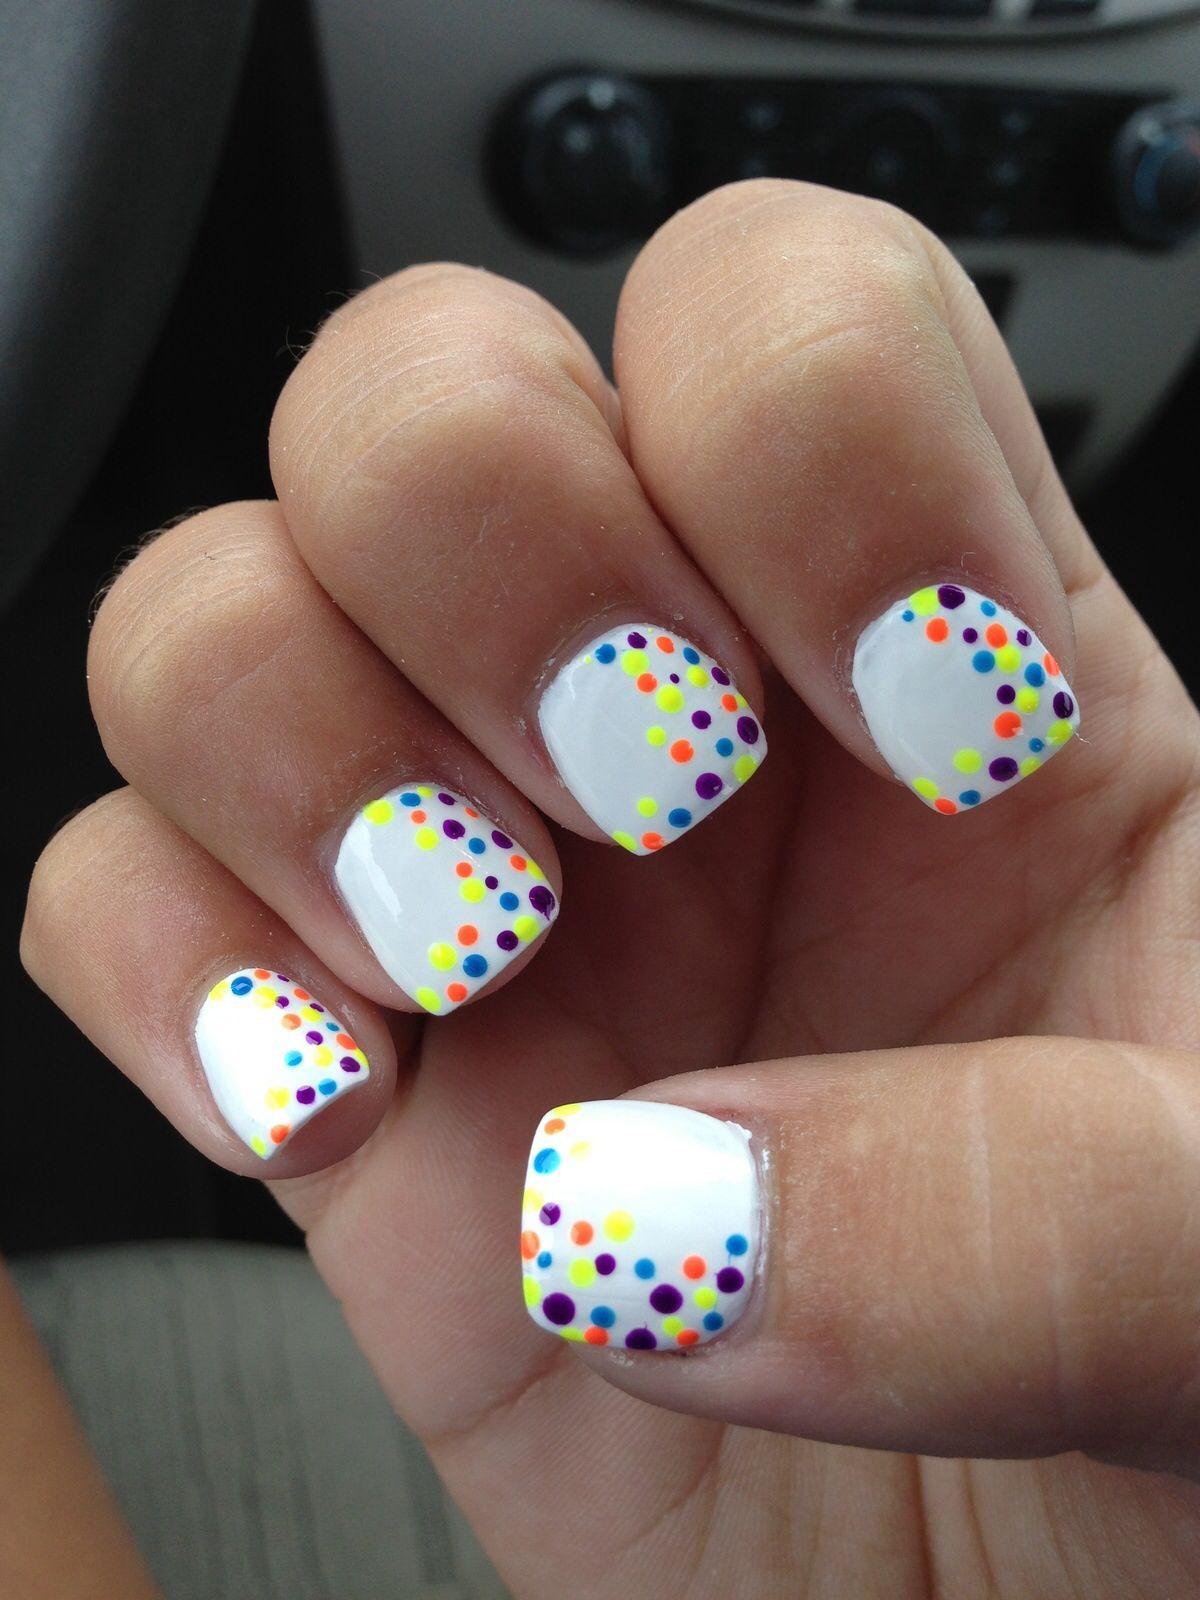 Nail Art, Nails, Polka Dot Nails